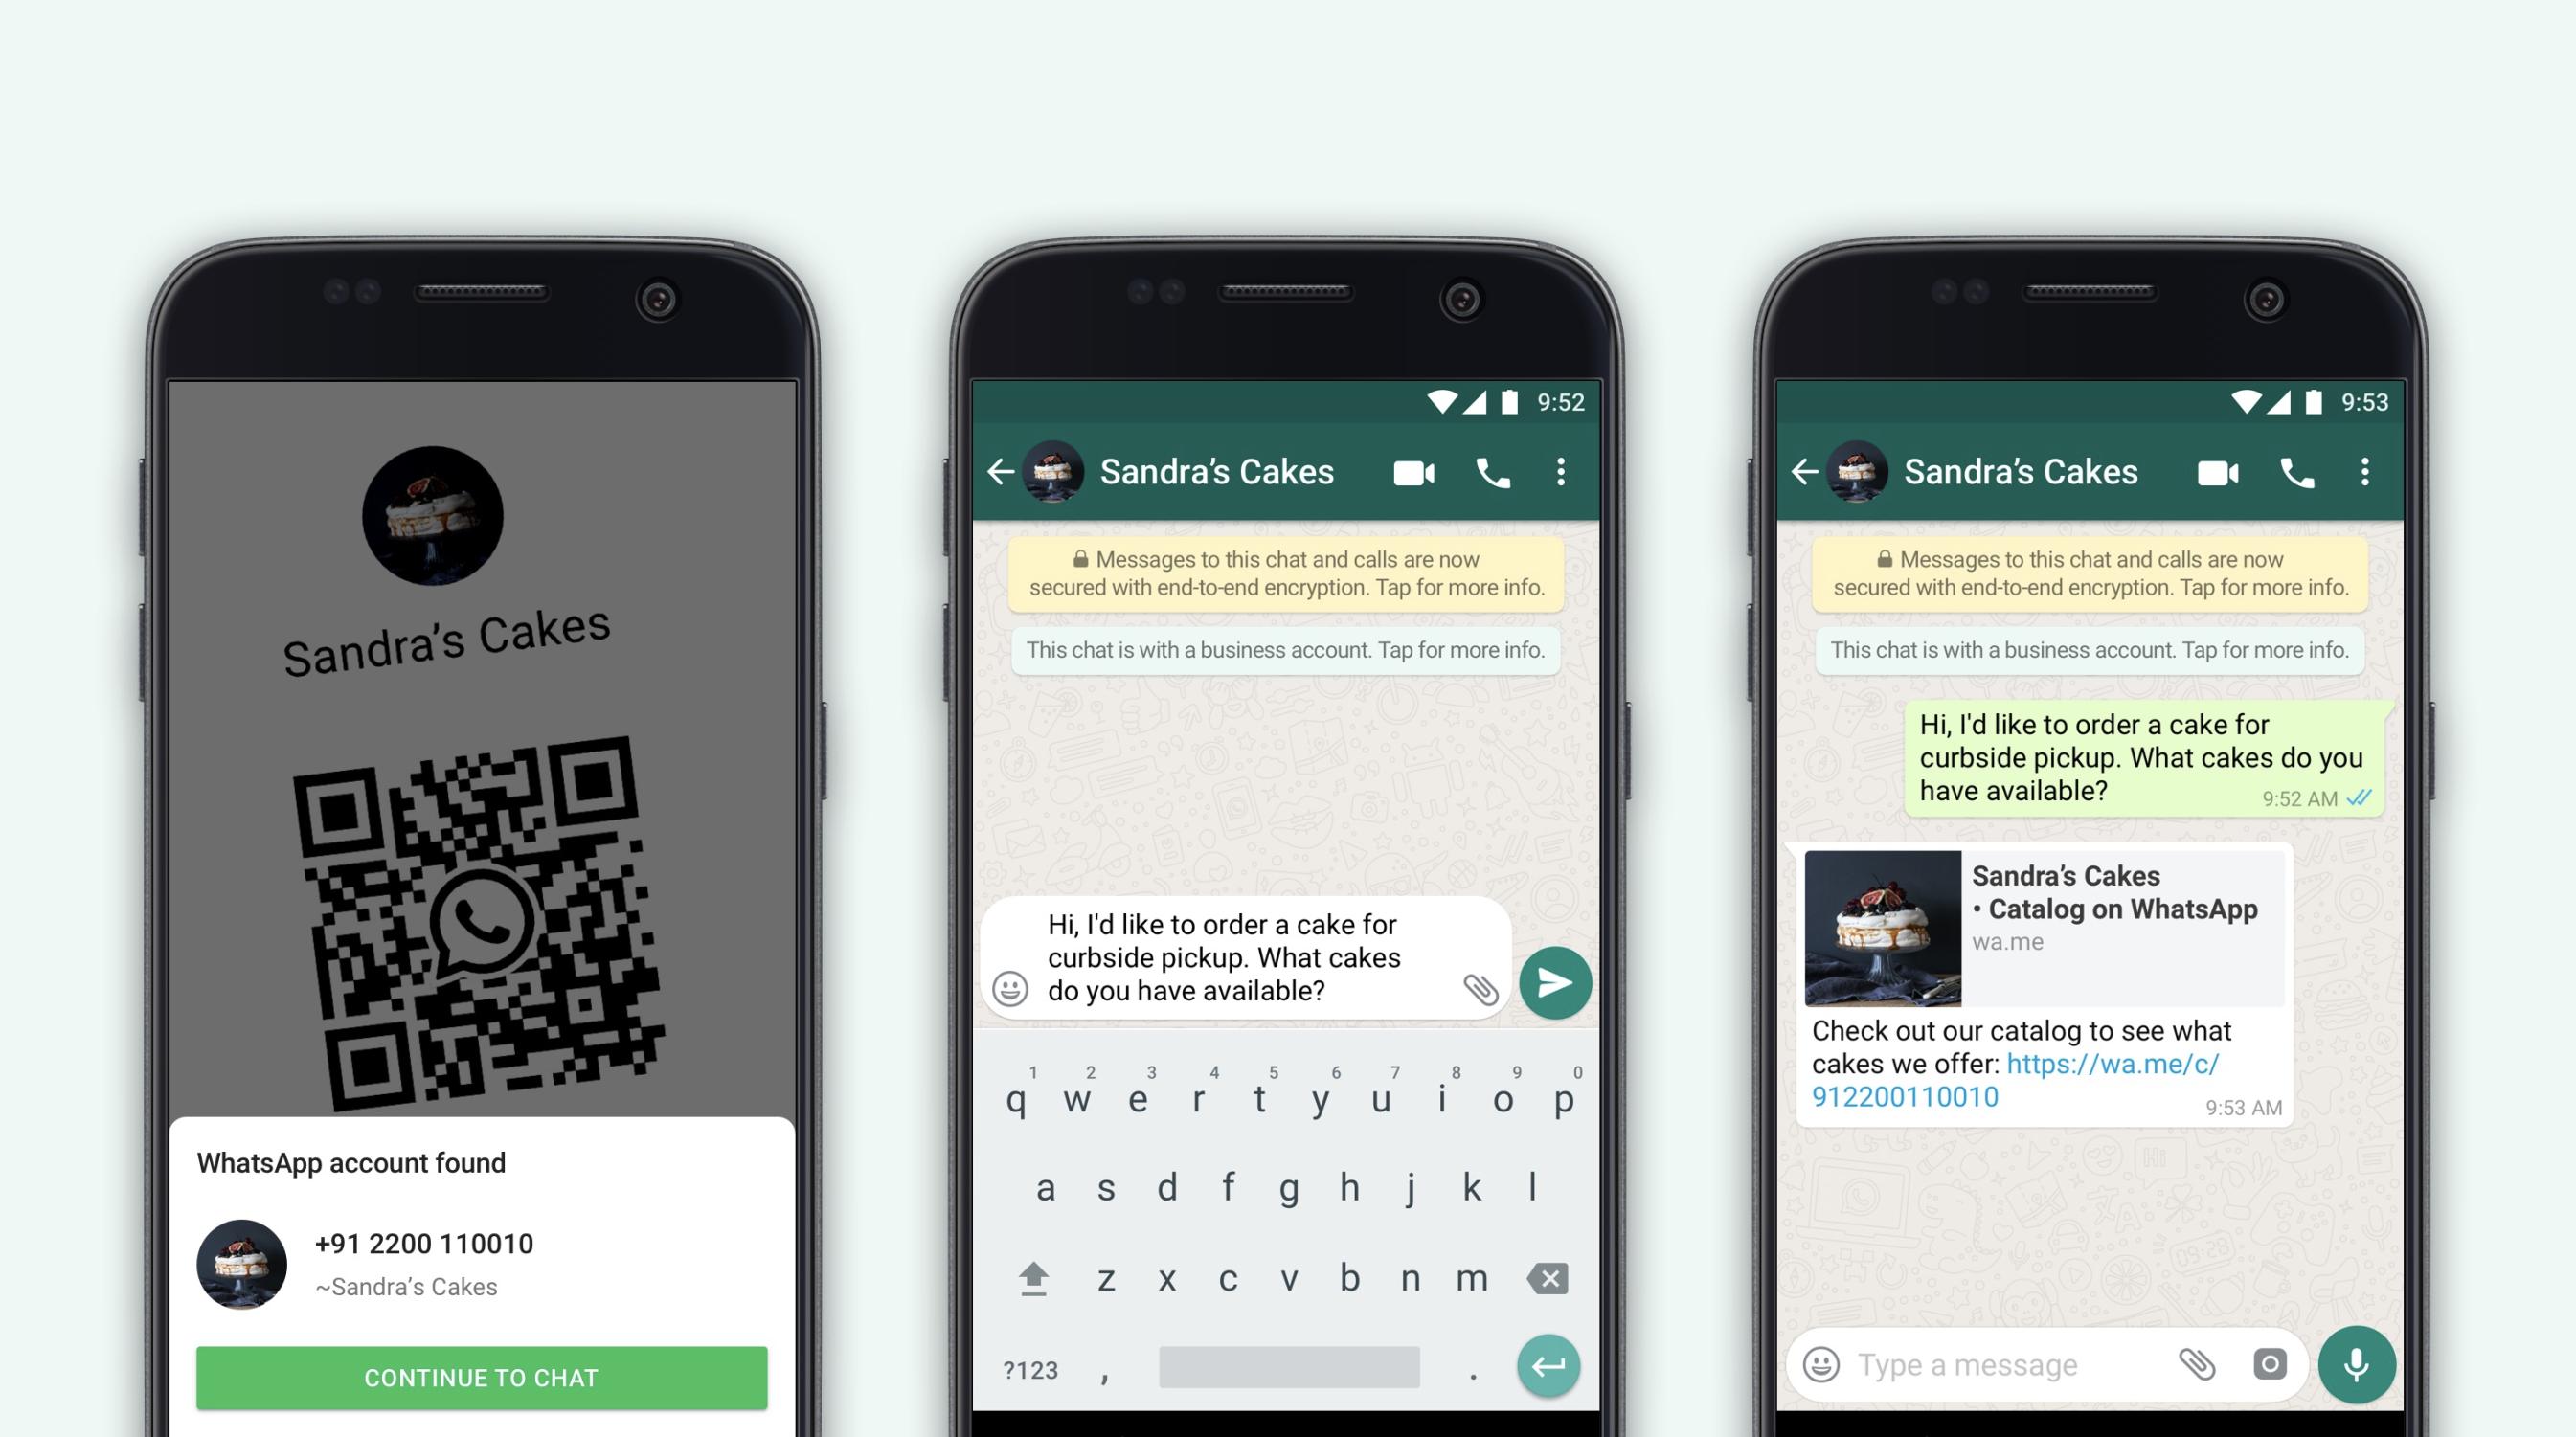 Компания Facebook анонсировала запуск 2 новых функций в приложении WhatsApp Business для компаний и их клиентов